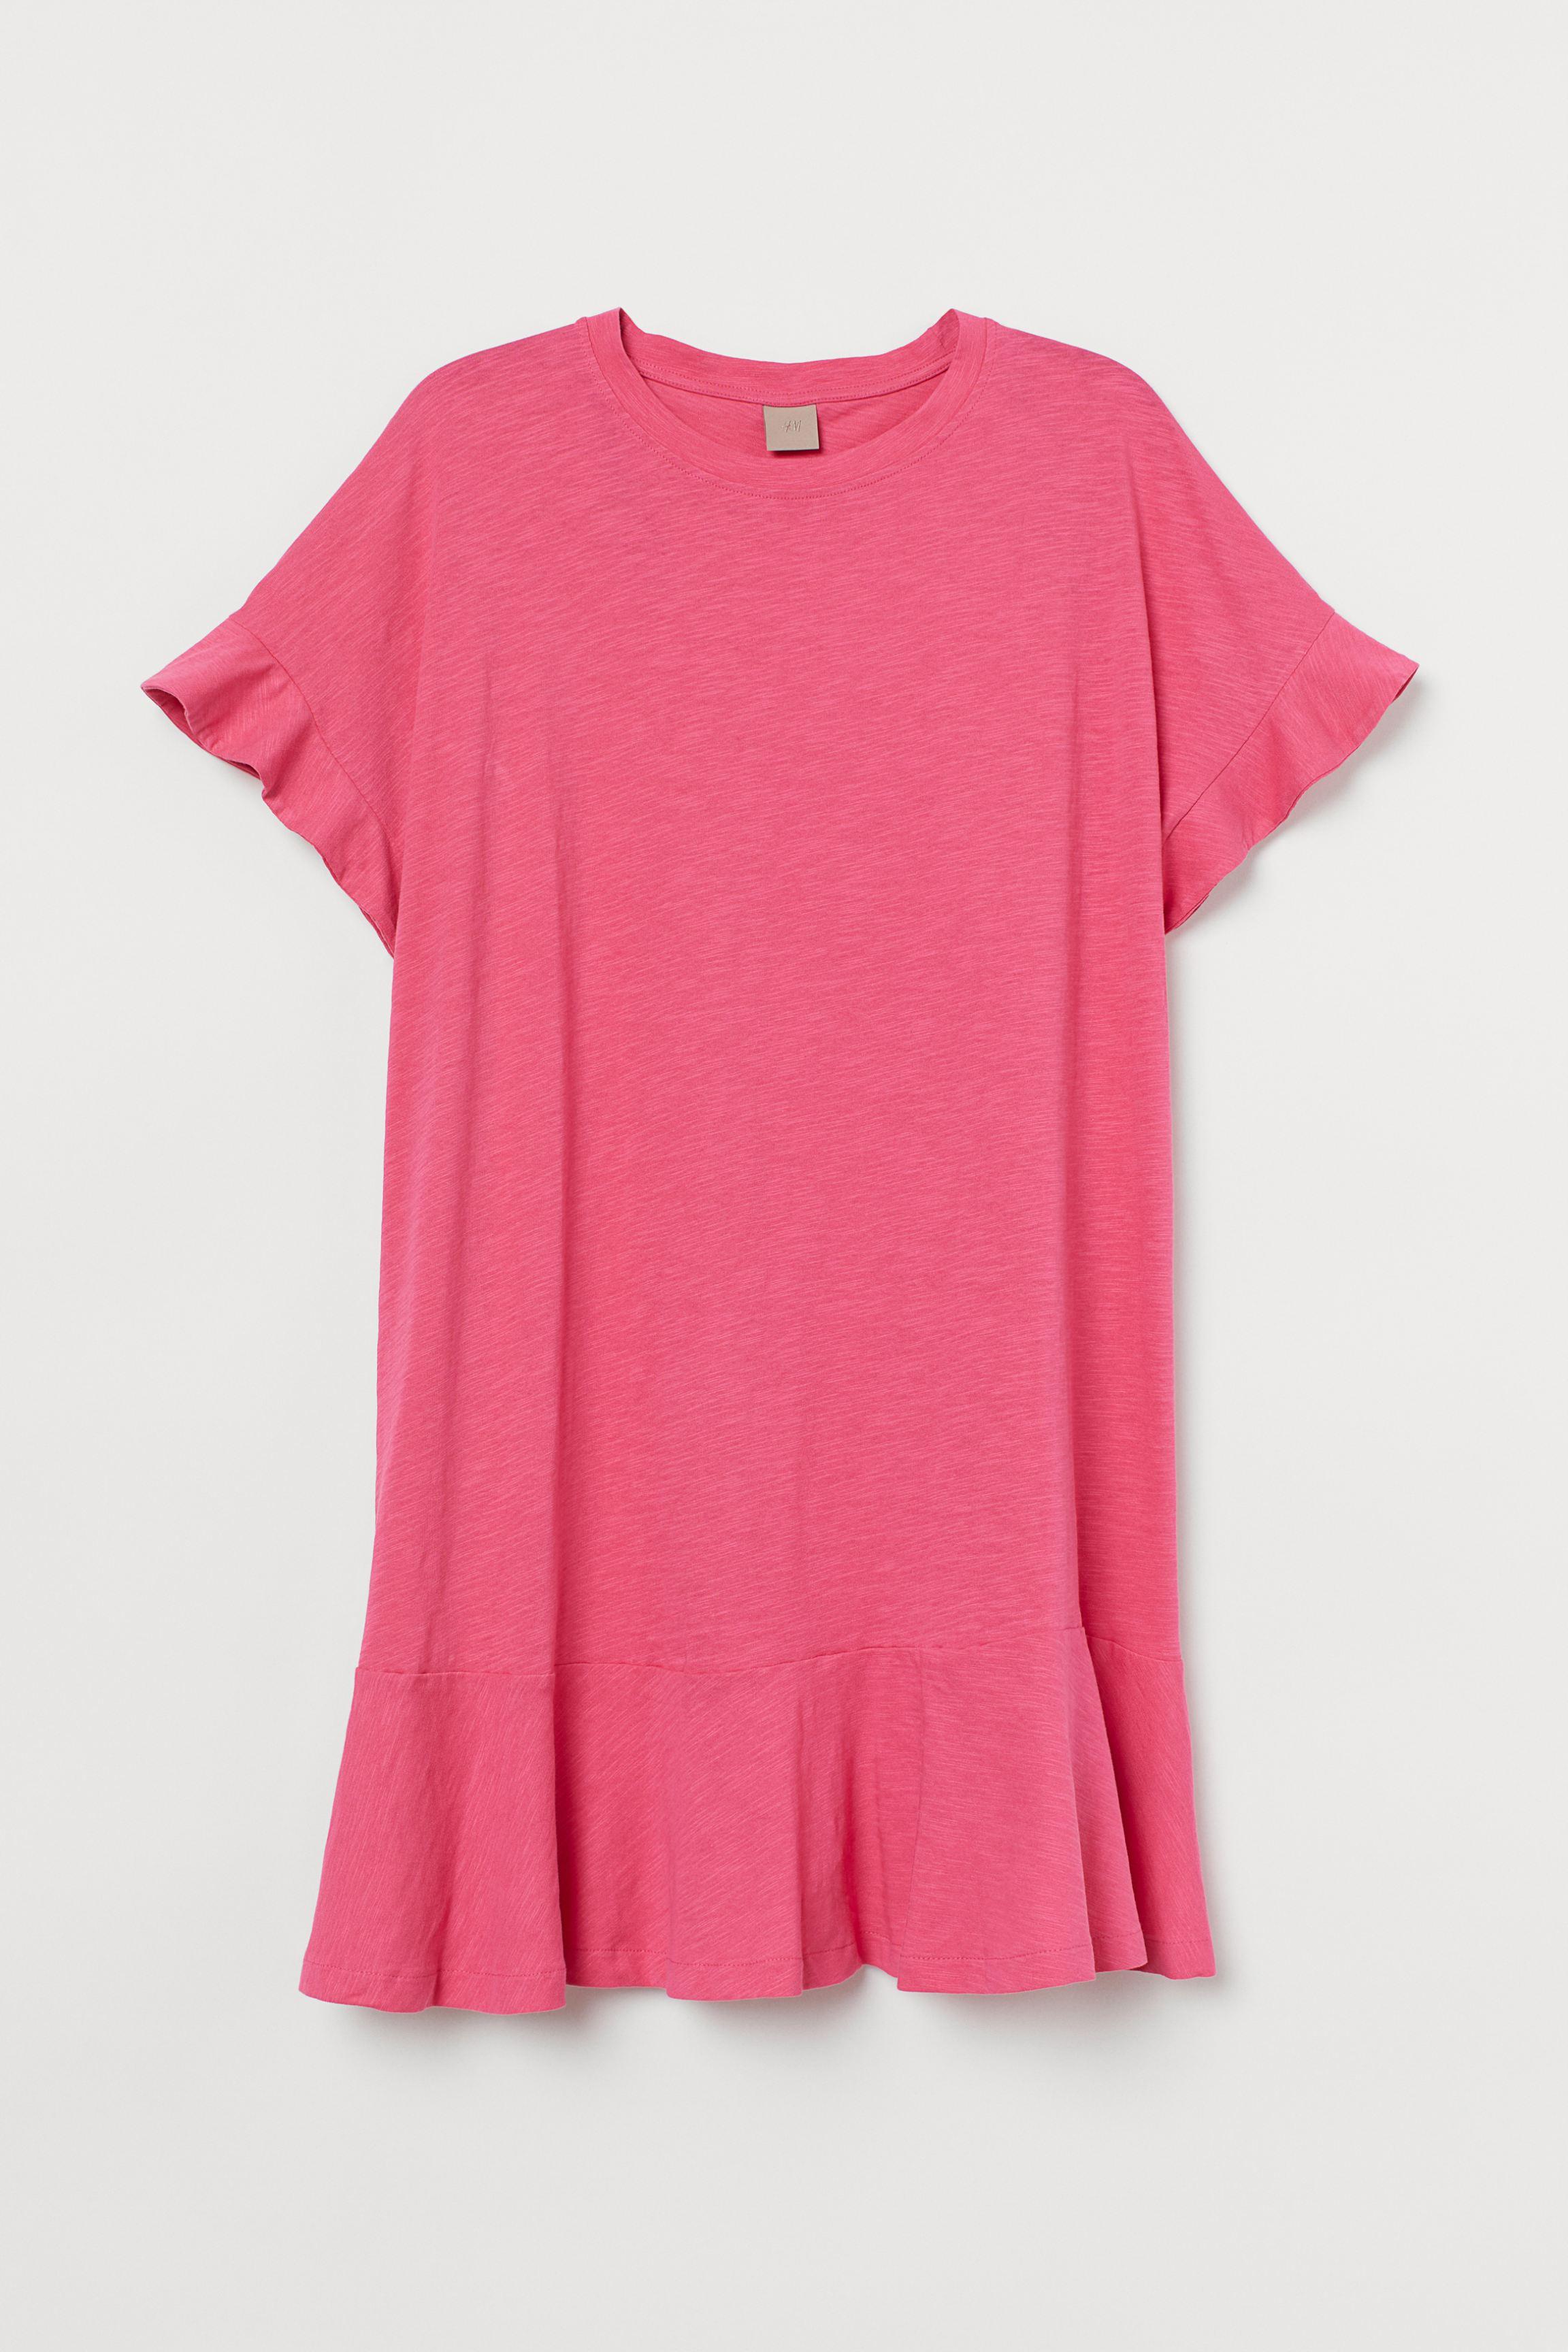 H&M+ Jersey T-shirt Dress